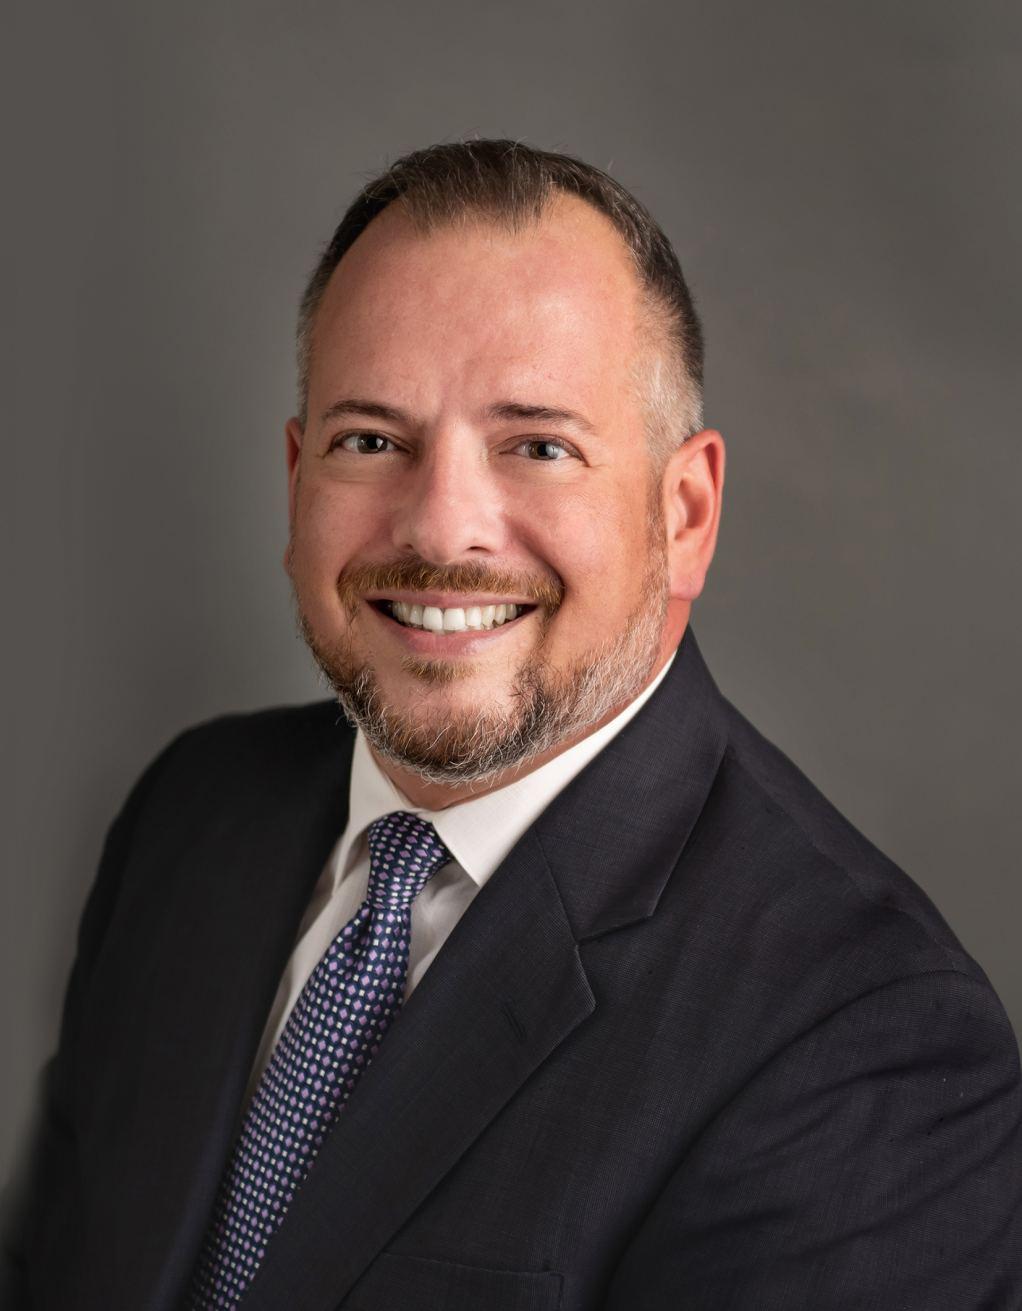 Certified FocalPoint Business Coach Joe Deramos